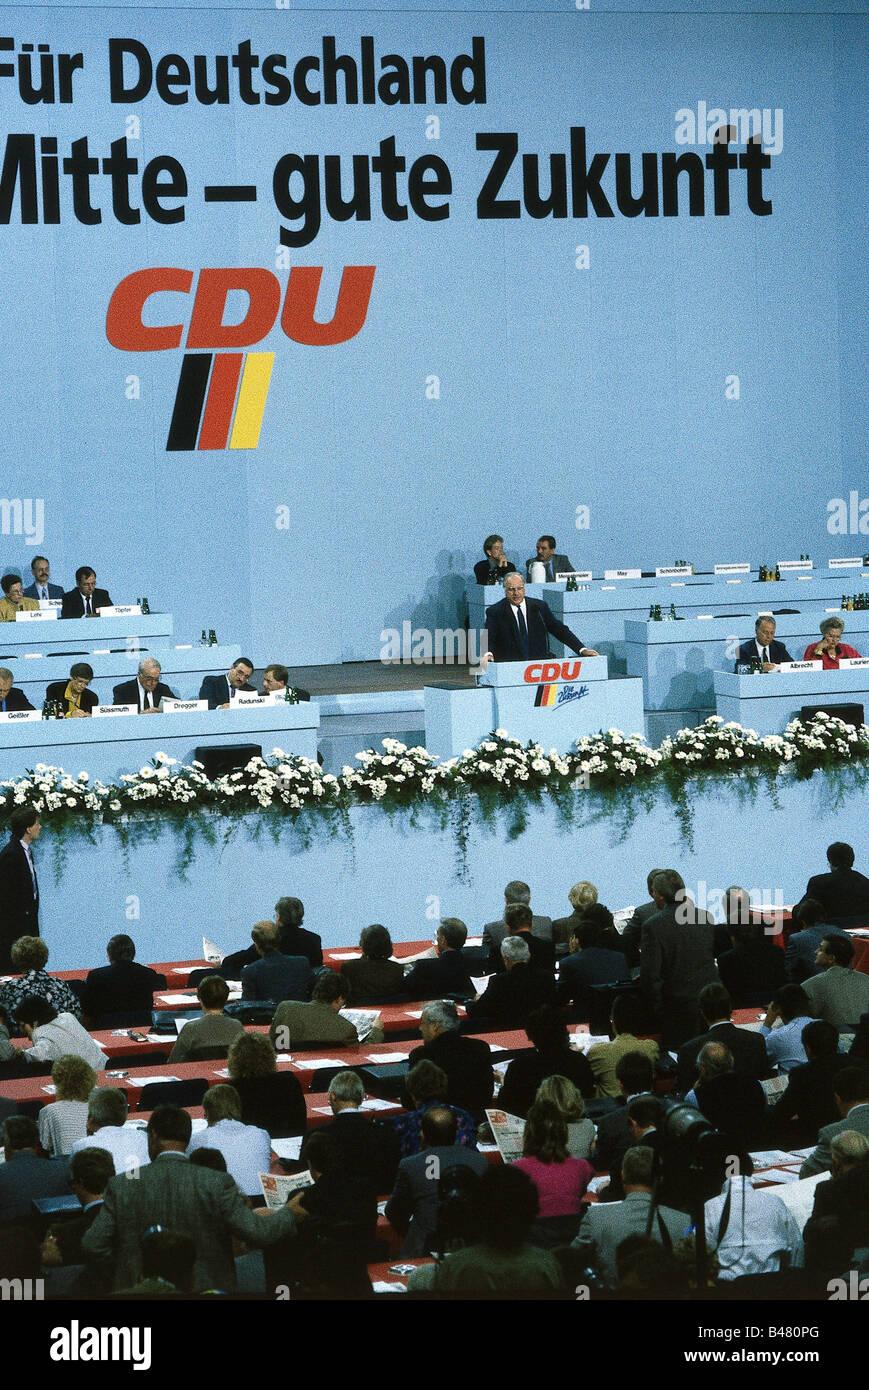 La politique, conférence des CDU, Brême, discours du Chancelier Helmut Kohl, 10. / 11.9.1989, Partie, Photo Stock